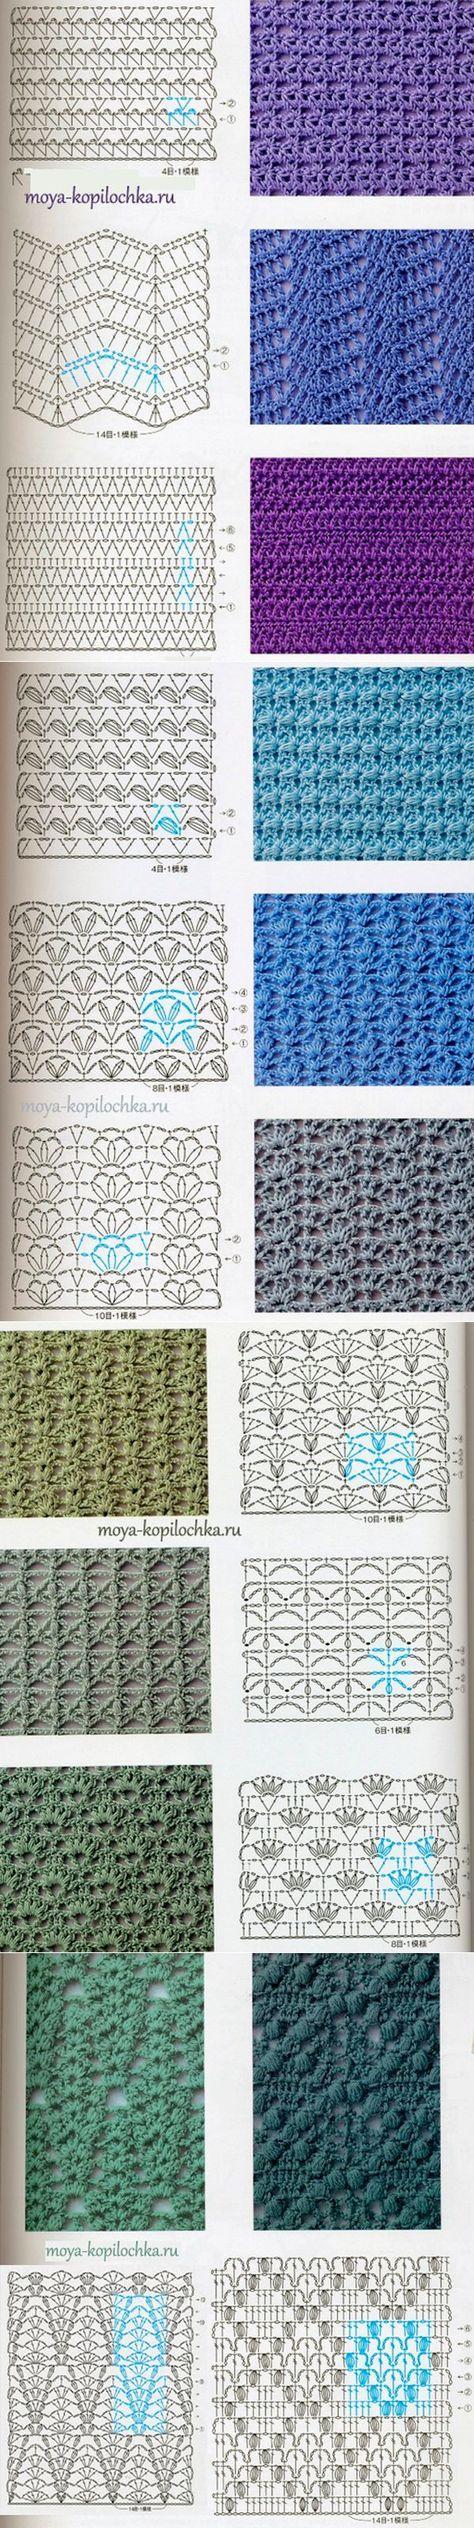 98 узоров и мотивов, связанных крючком ...♥ Deniz ♥ #crochetyarn